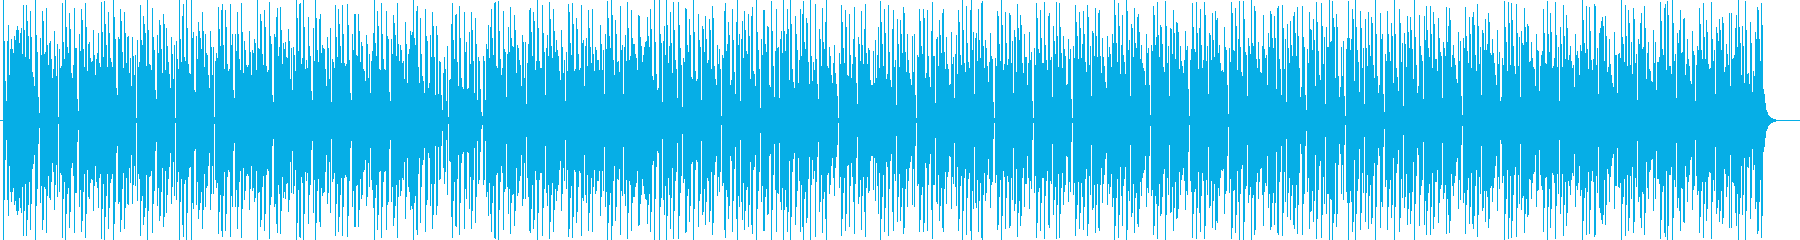 ミディアムテンポEDM風シンセサイザー曲の再生済みの波形